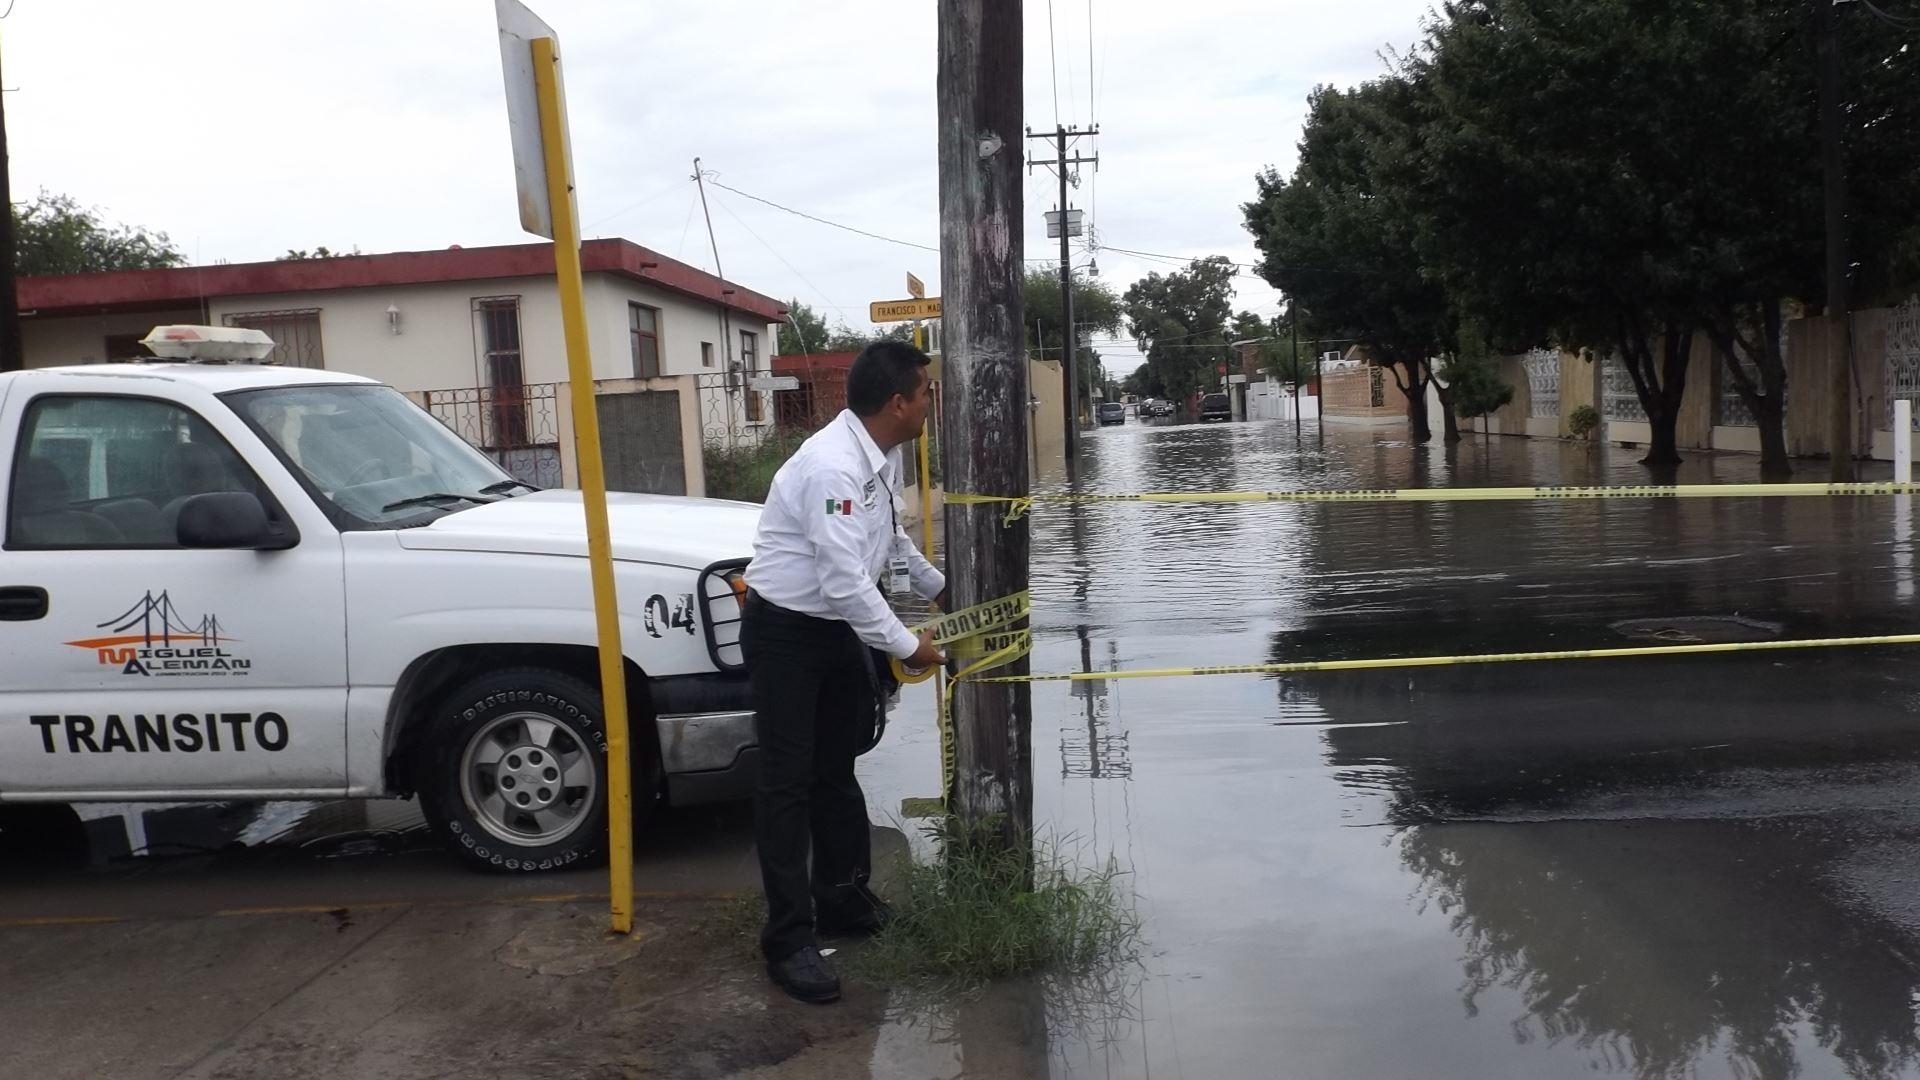 CIERRAN. Agentes viales y elementos de PC se vieron obligadas a colocar algunas cintas rojas y amarillas en diferentes cruces que fueron cerrados a la circulación en señal de precaución.